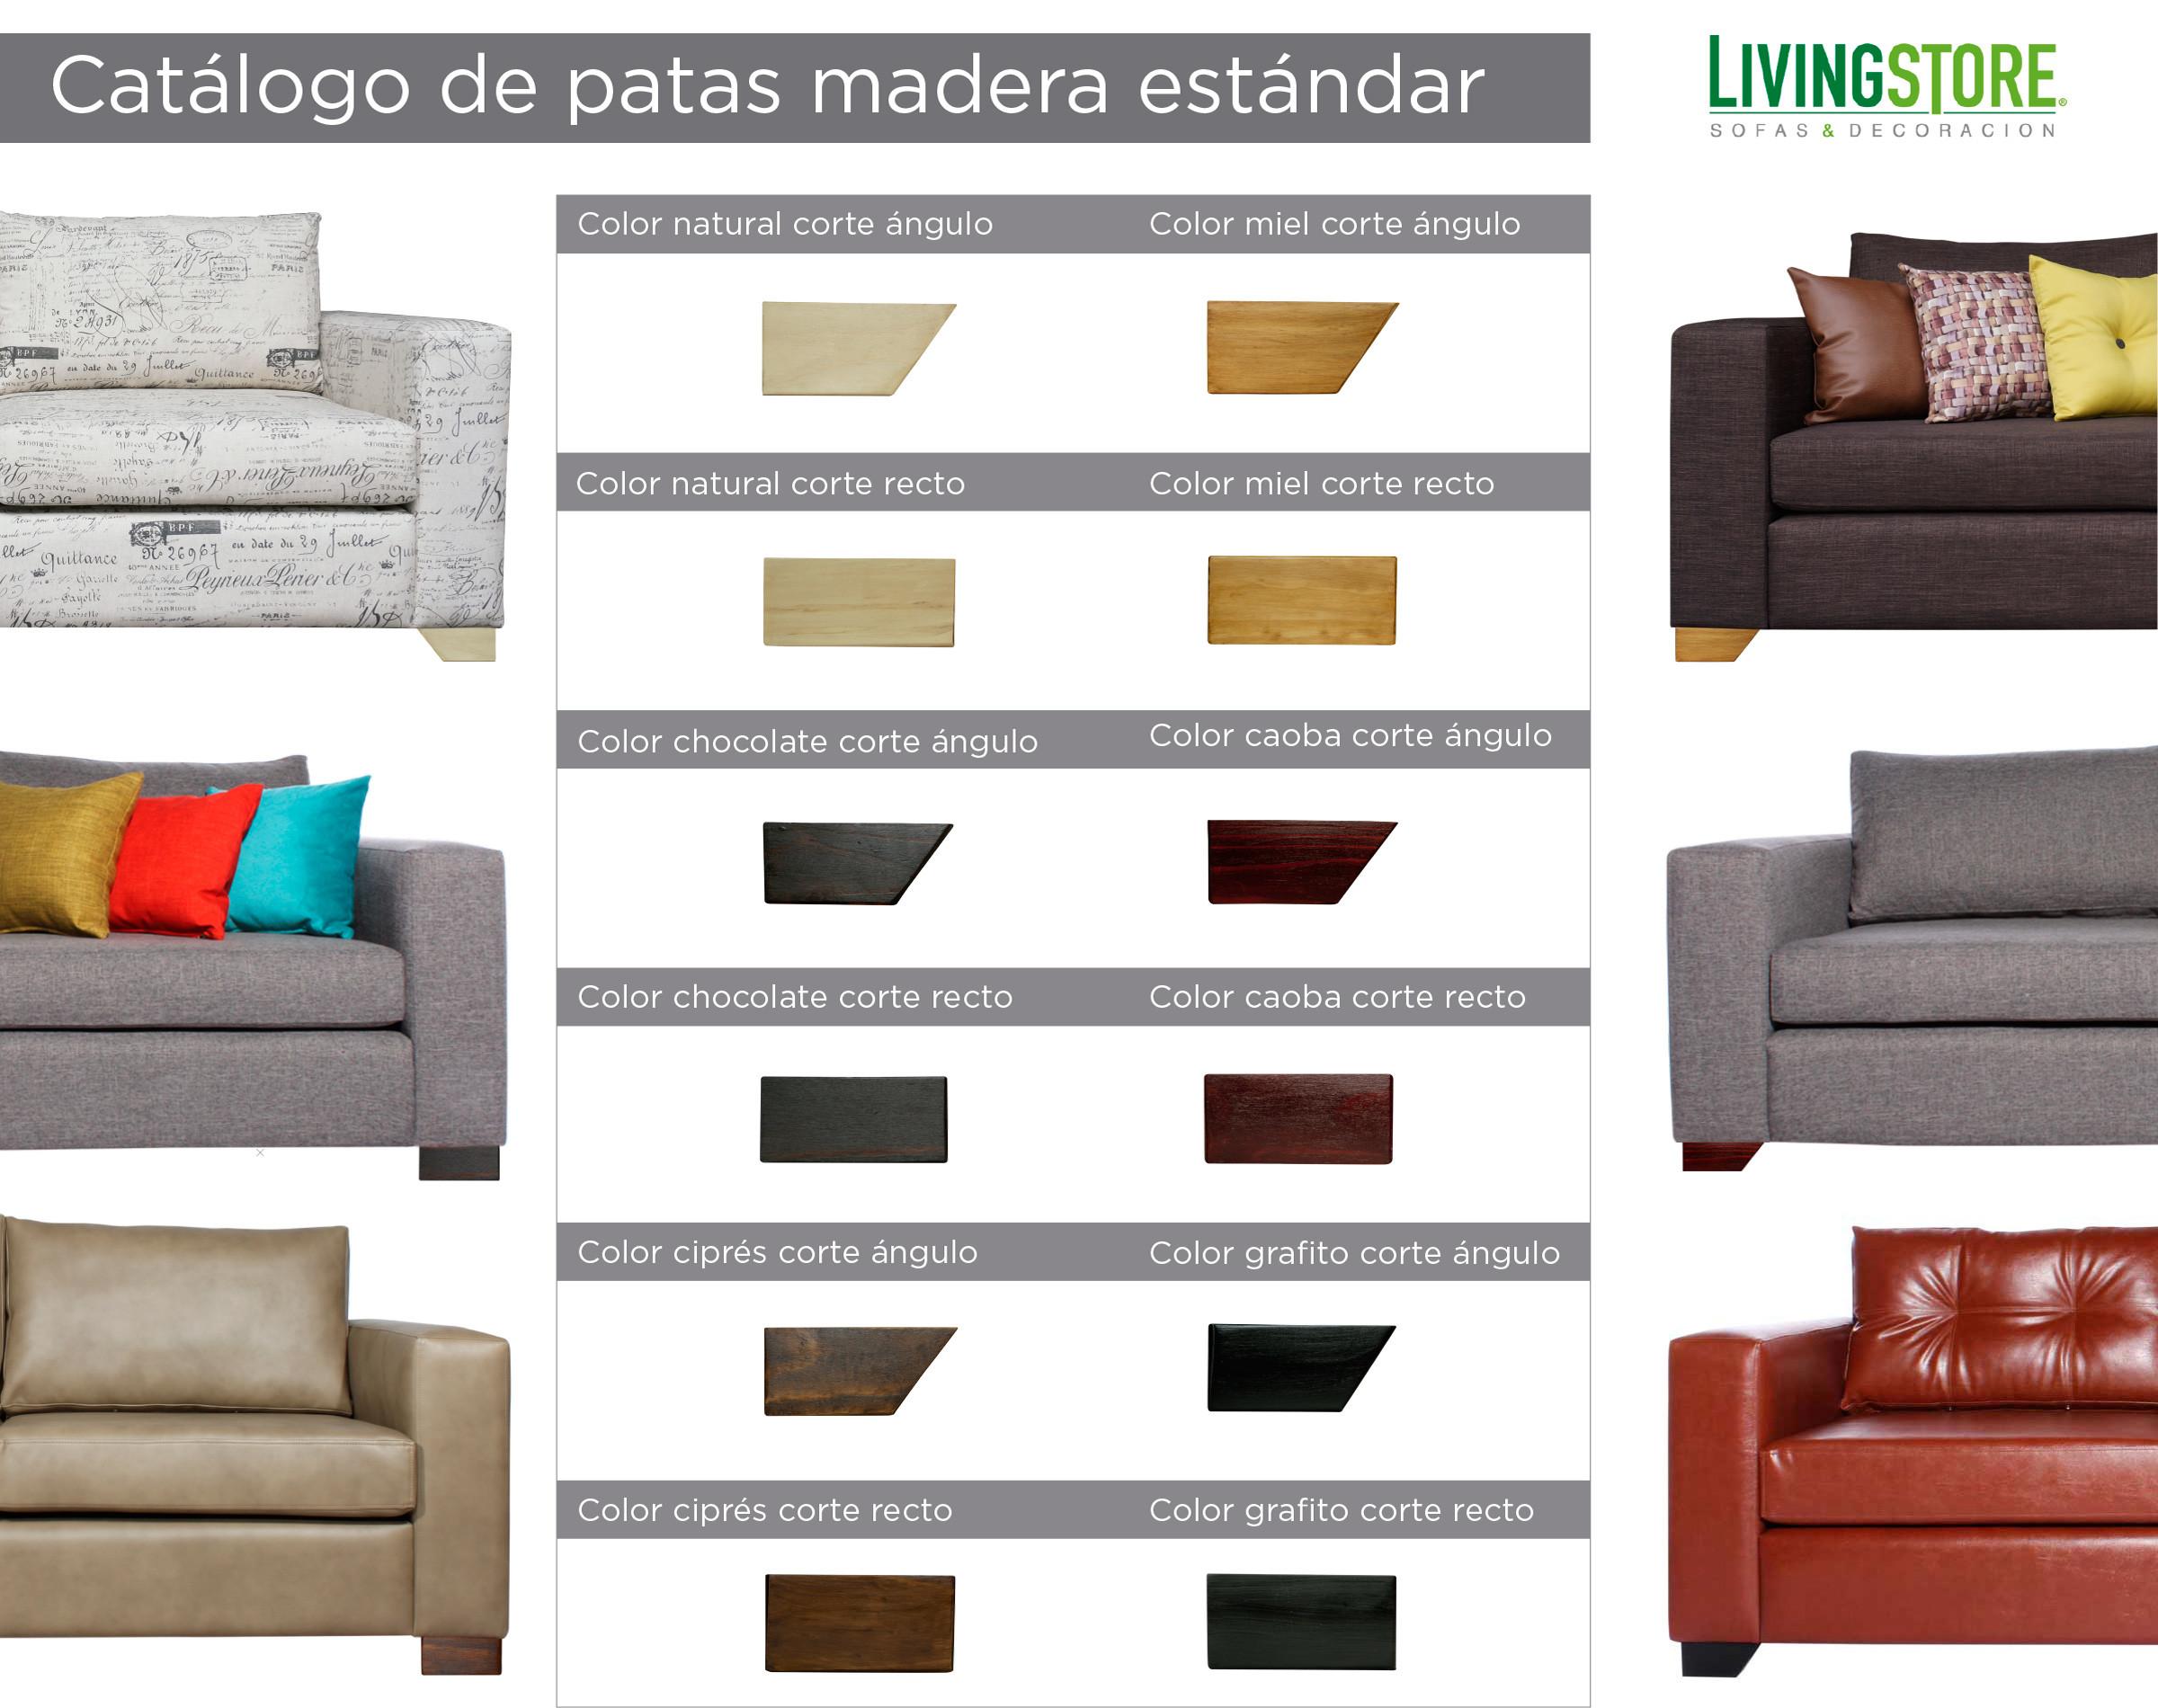 Patas de Madera catálogo 2019